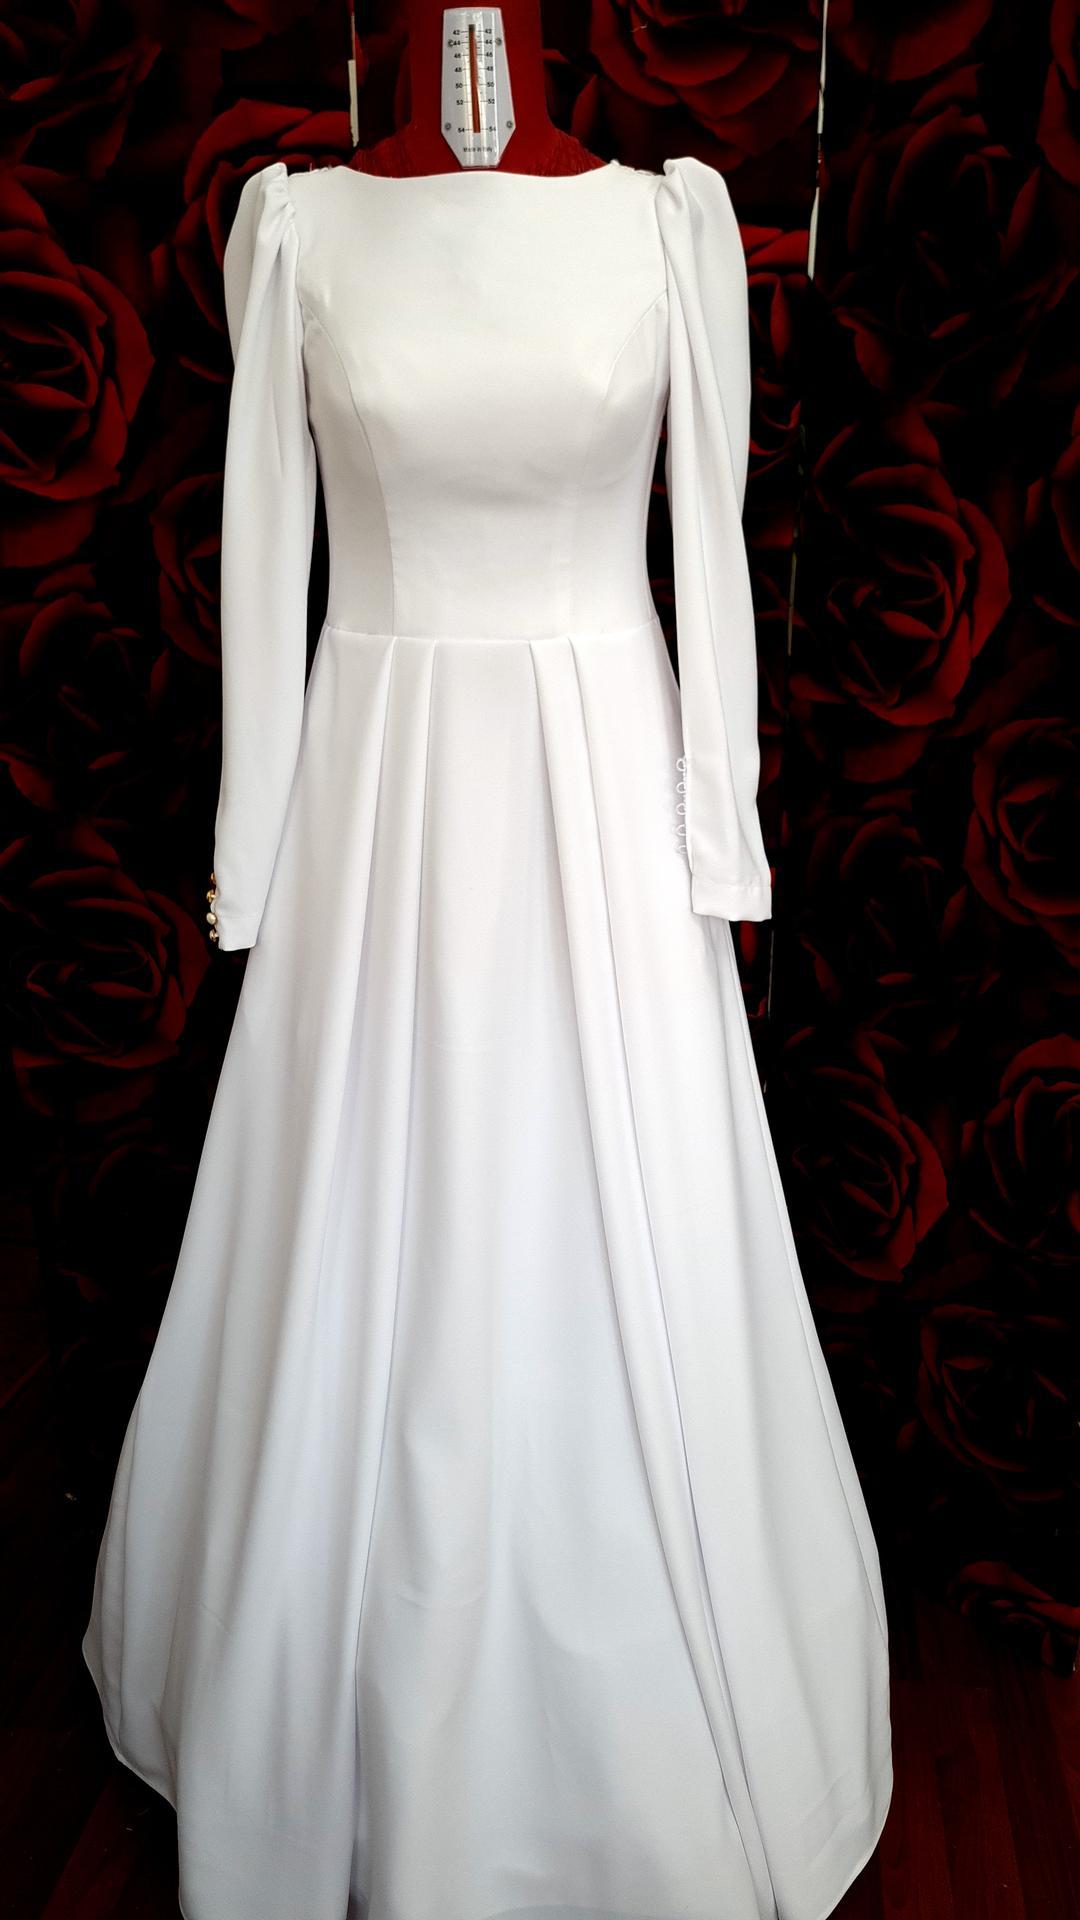 Svadobné šaty, ktoré nenabúrajú váš rozpočet - Obrázok č. 3